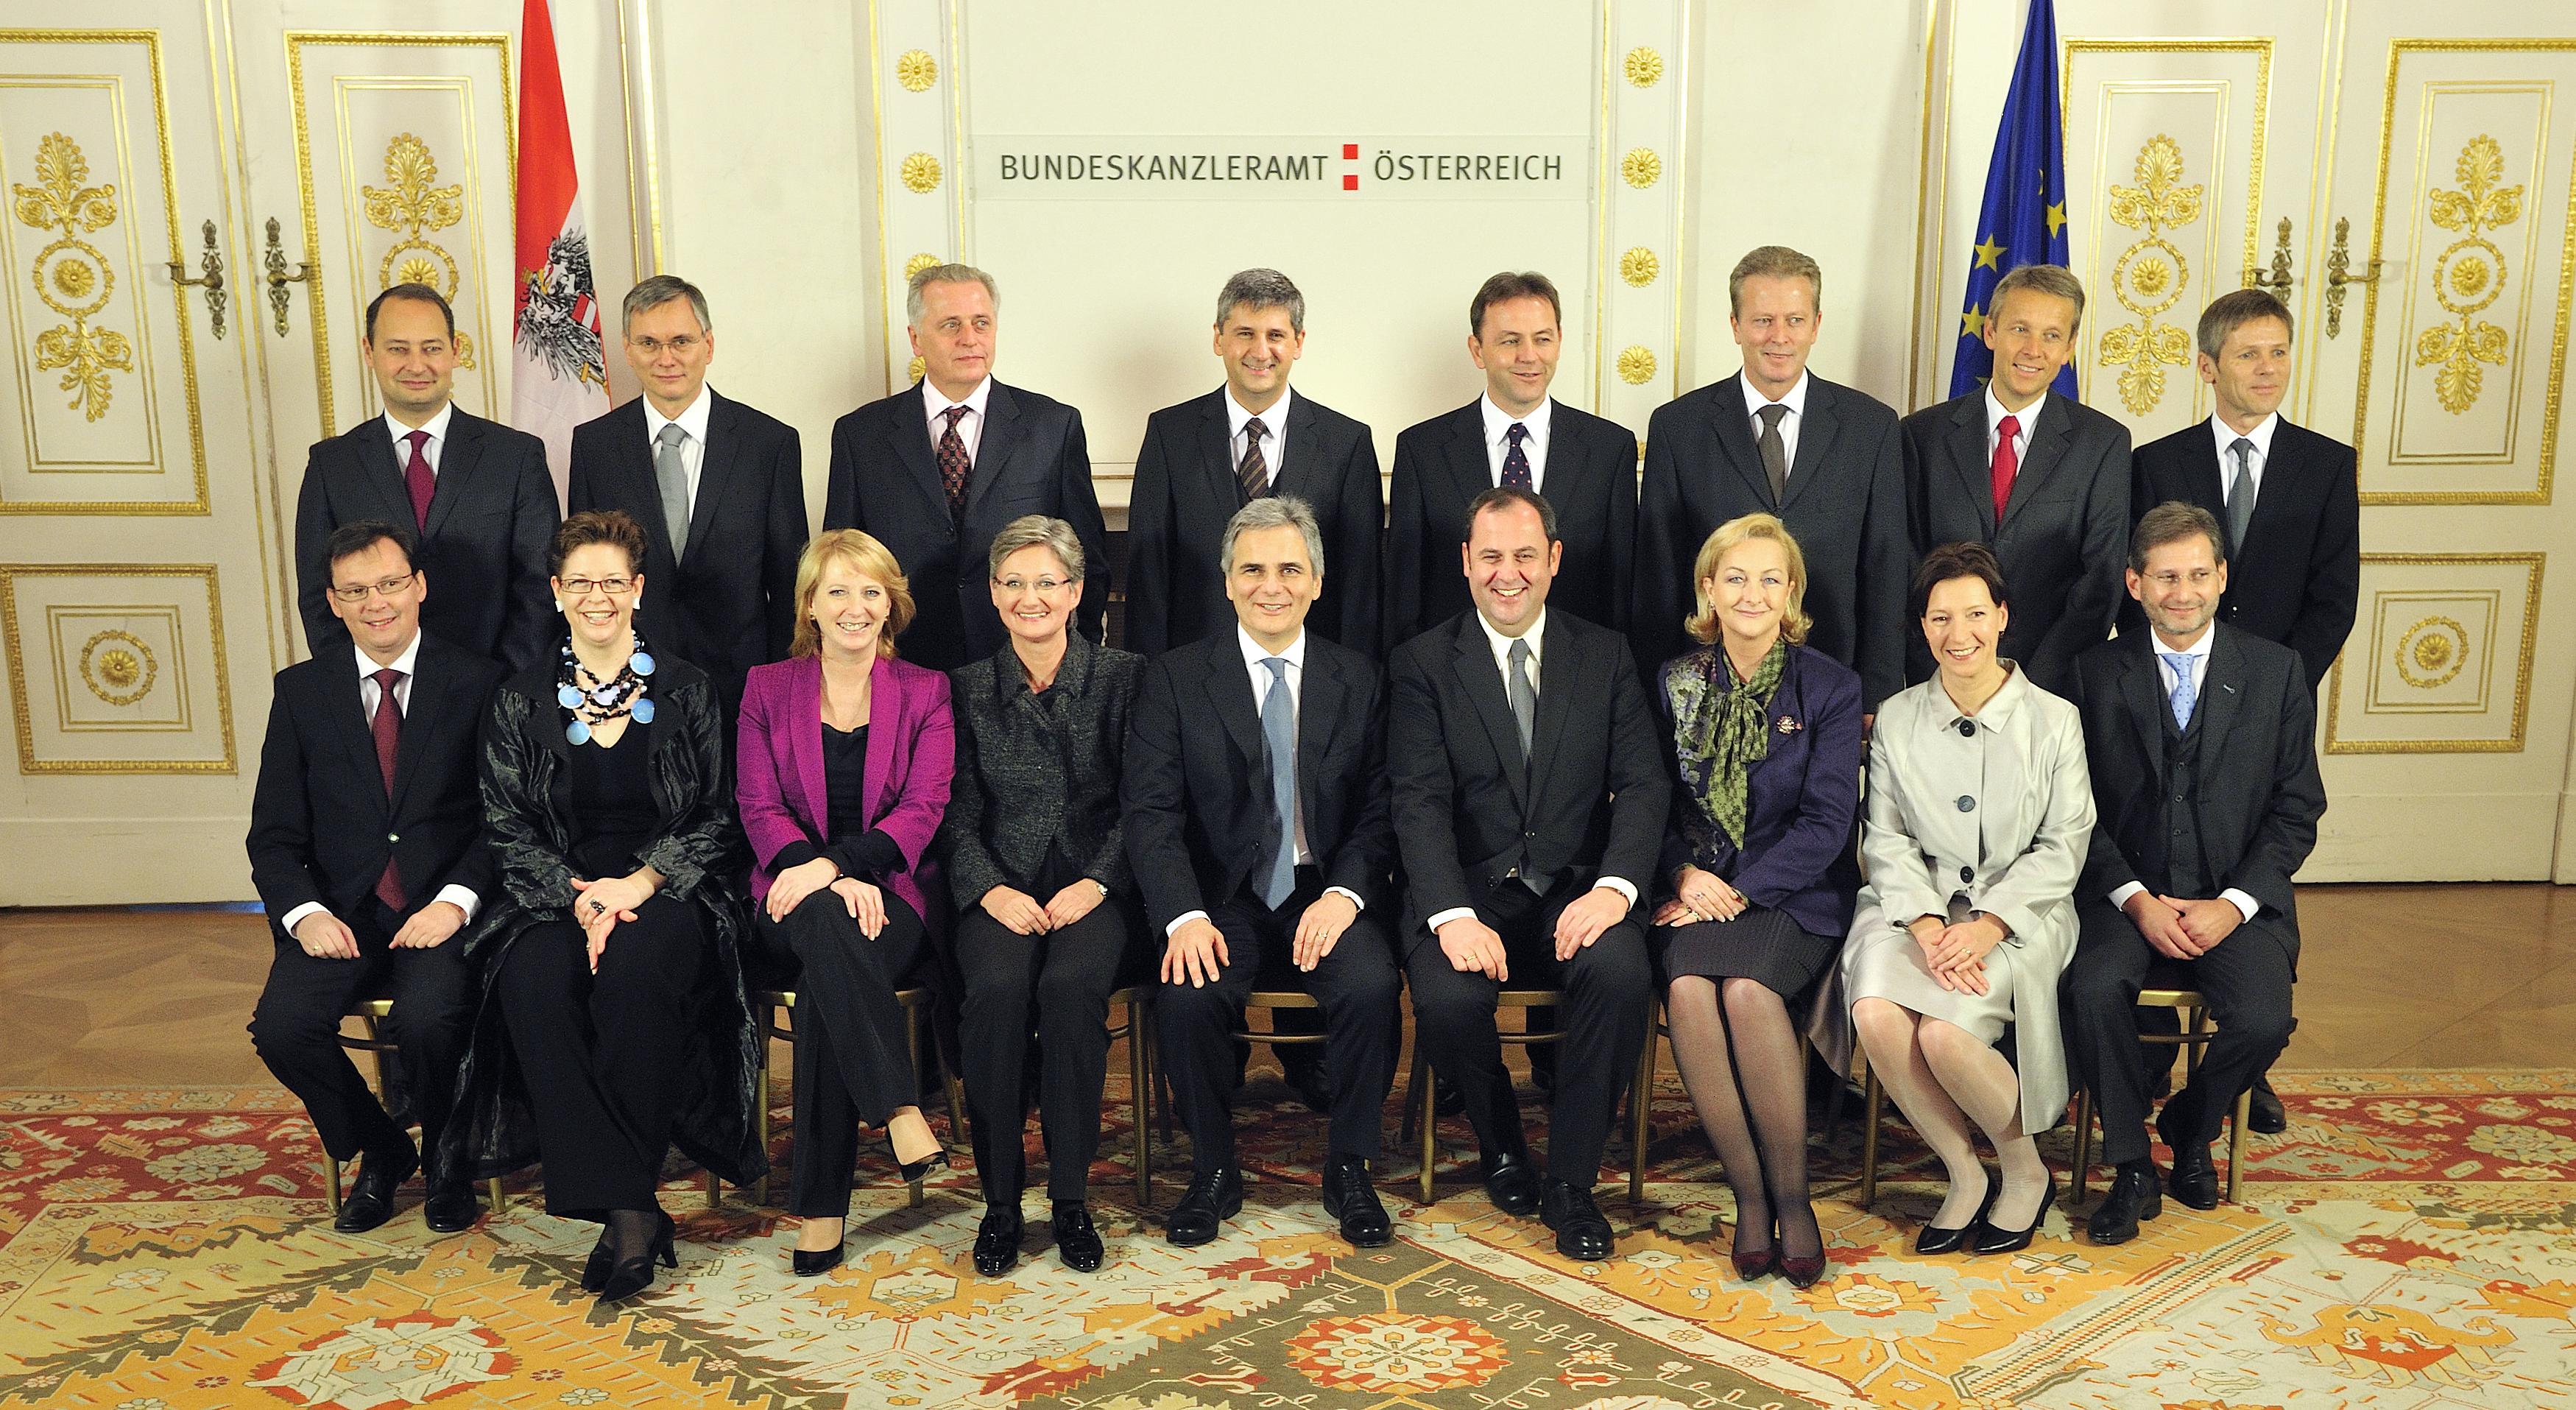 kabinett österreich